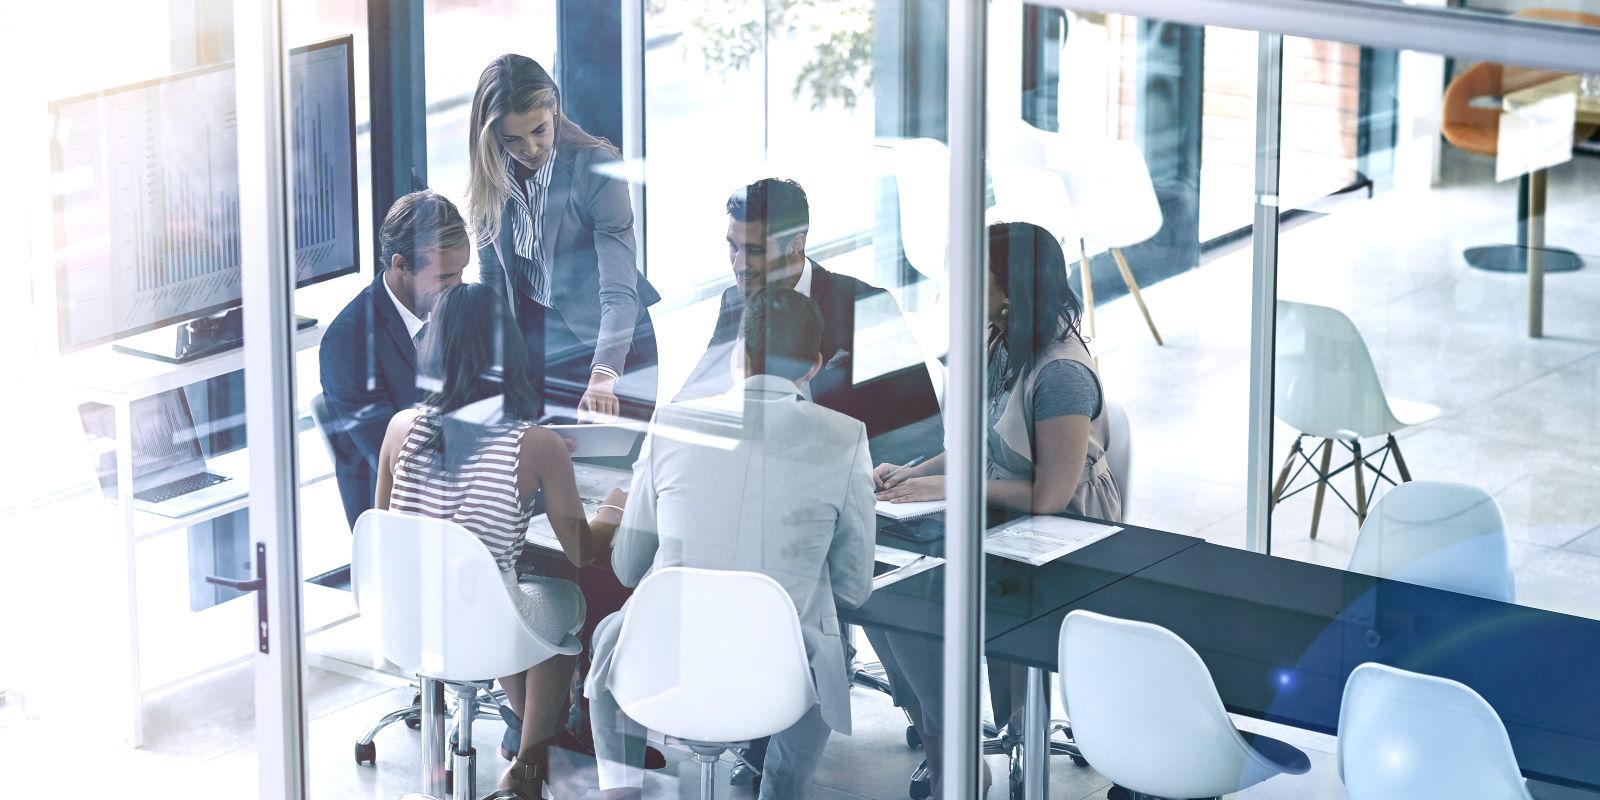 Unternehmensberatung in Stuttgart & München | Mumme & Partner | Coaching & Training für Vertrieb & Marketing